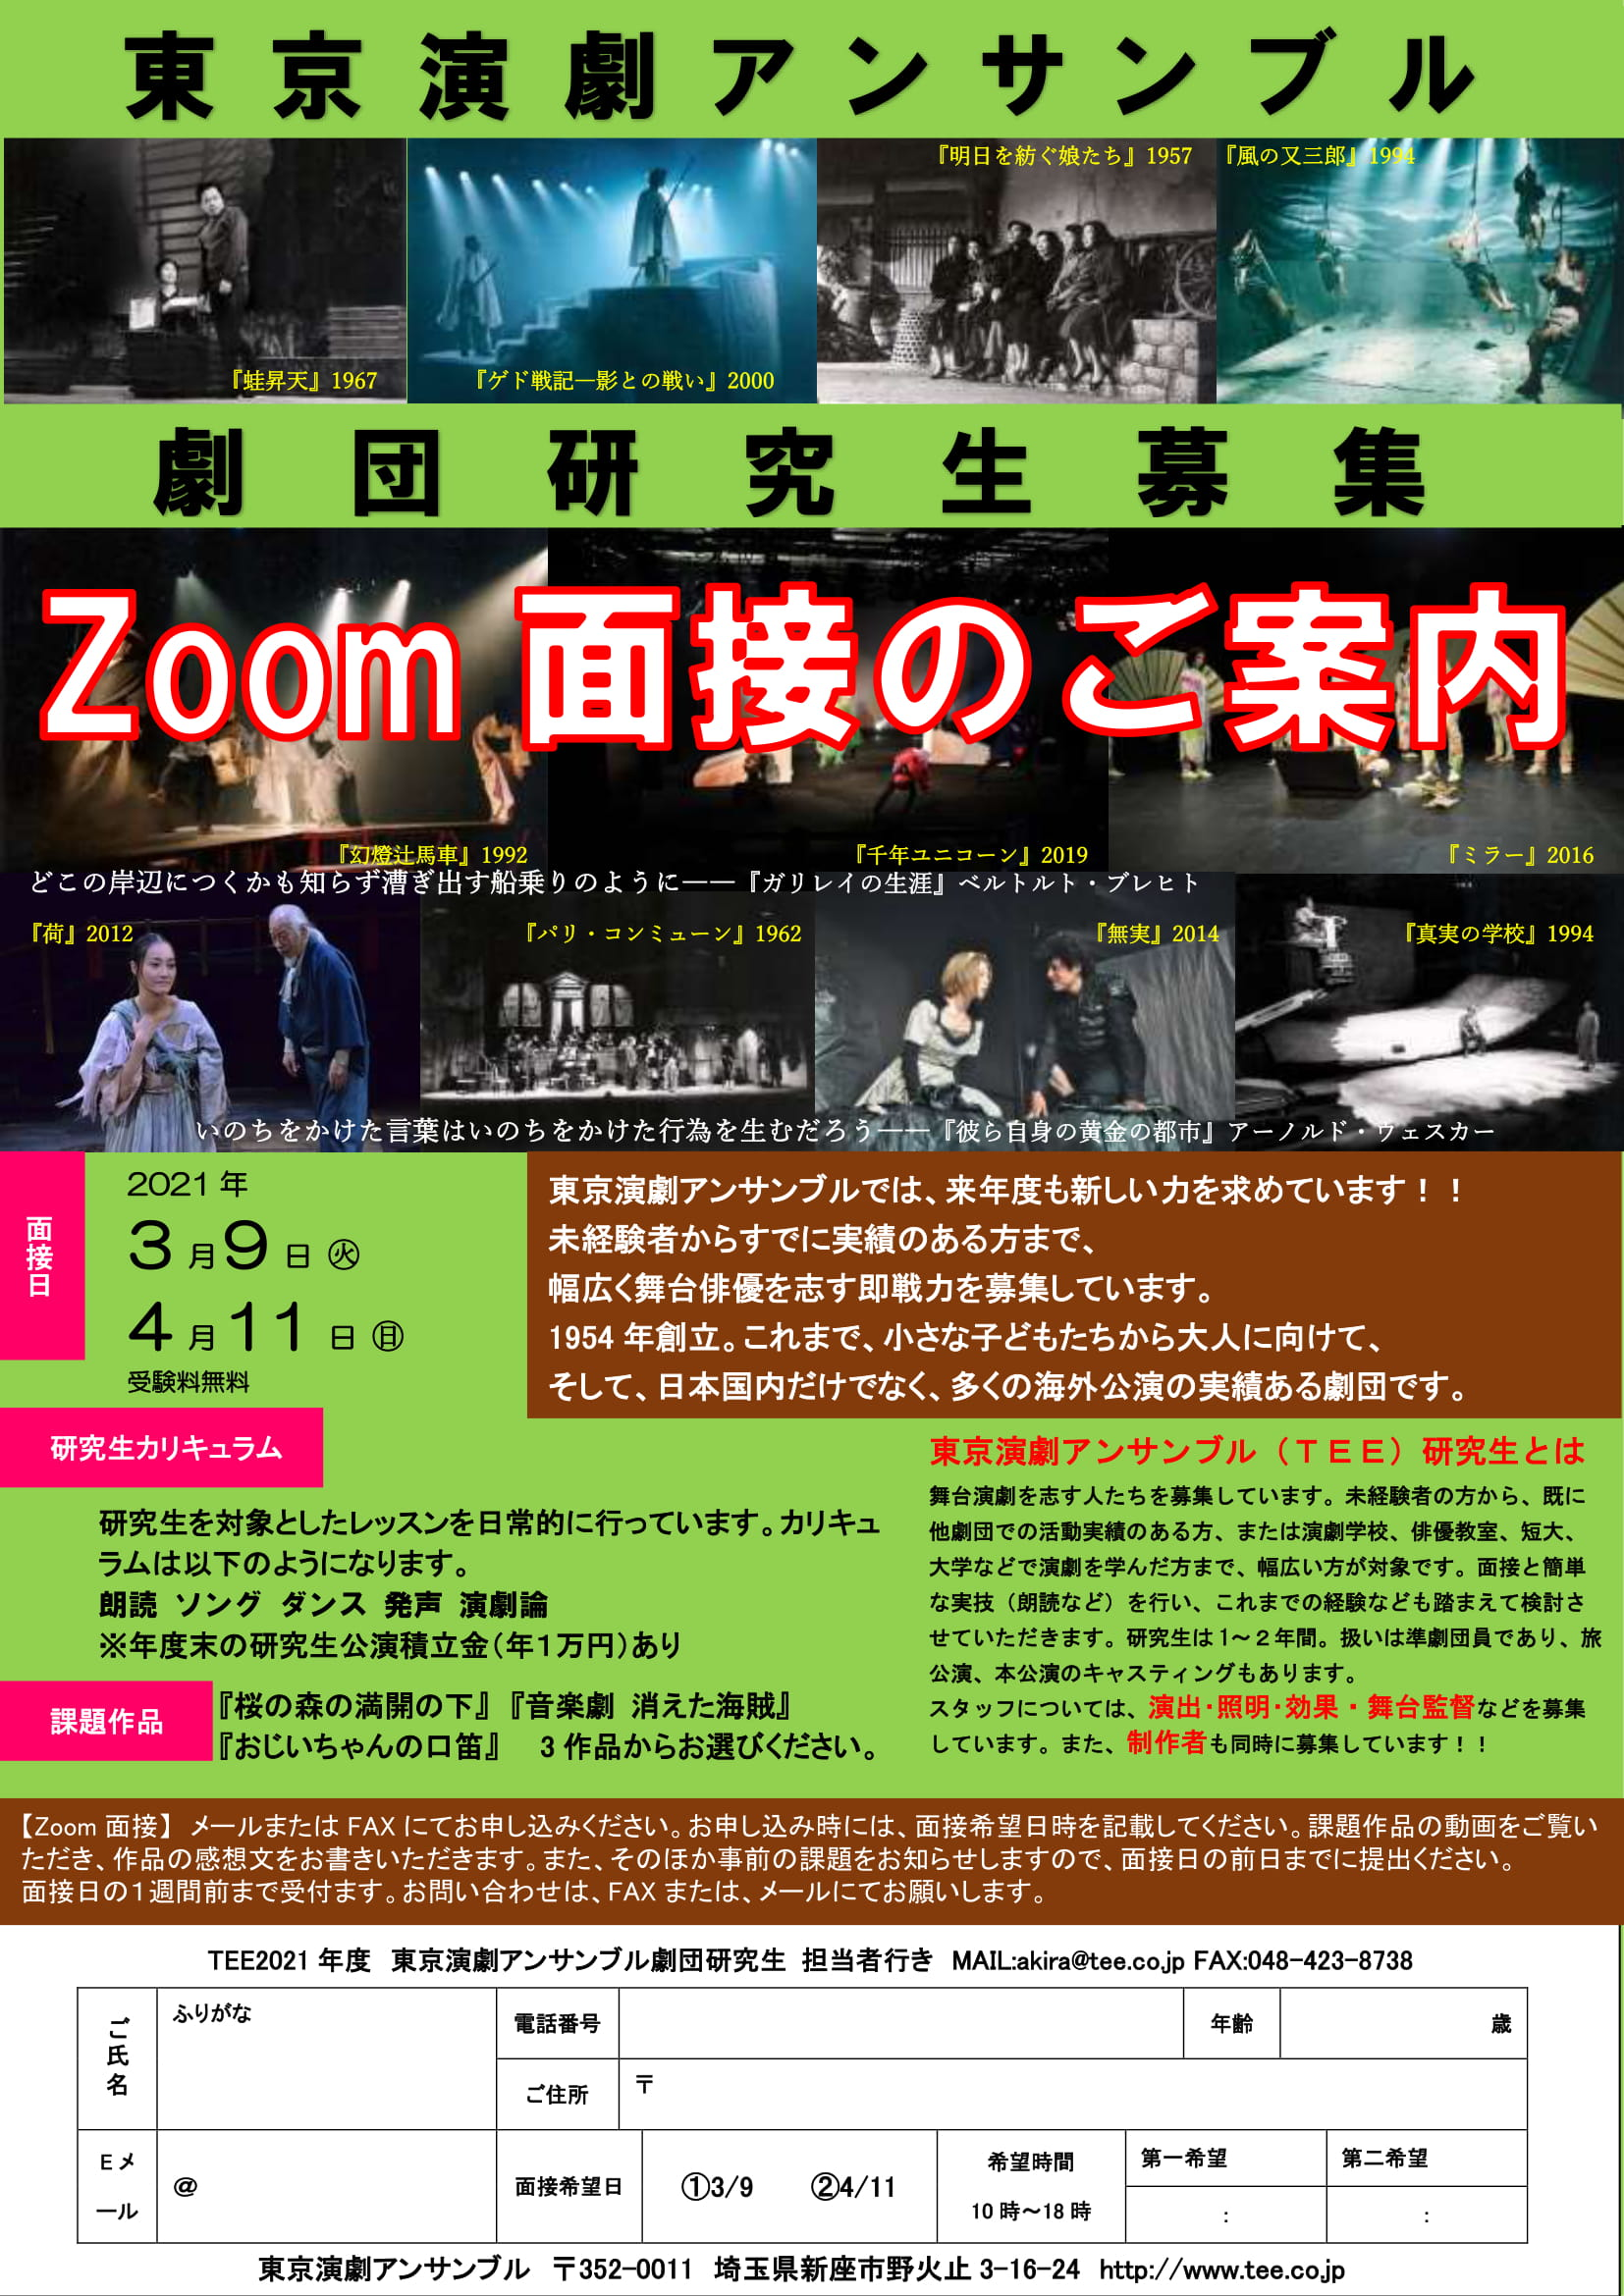 オーディション 東京演劇アンサンブル 研究生募集 来年度の新しい力を求めています 主催:東京演劇アンサンブル、カテゴリ:劇団